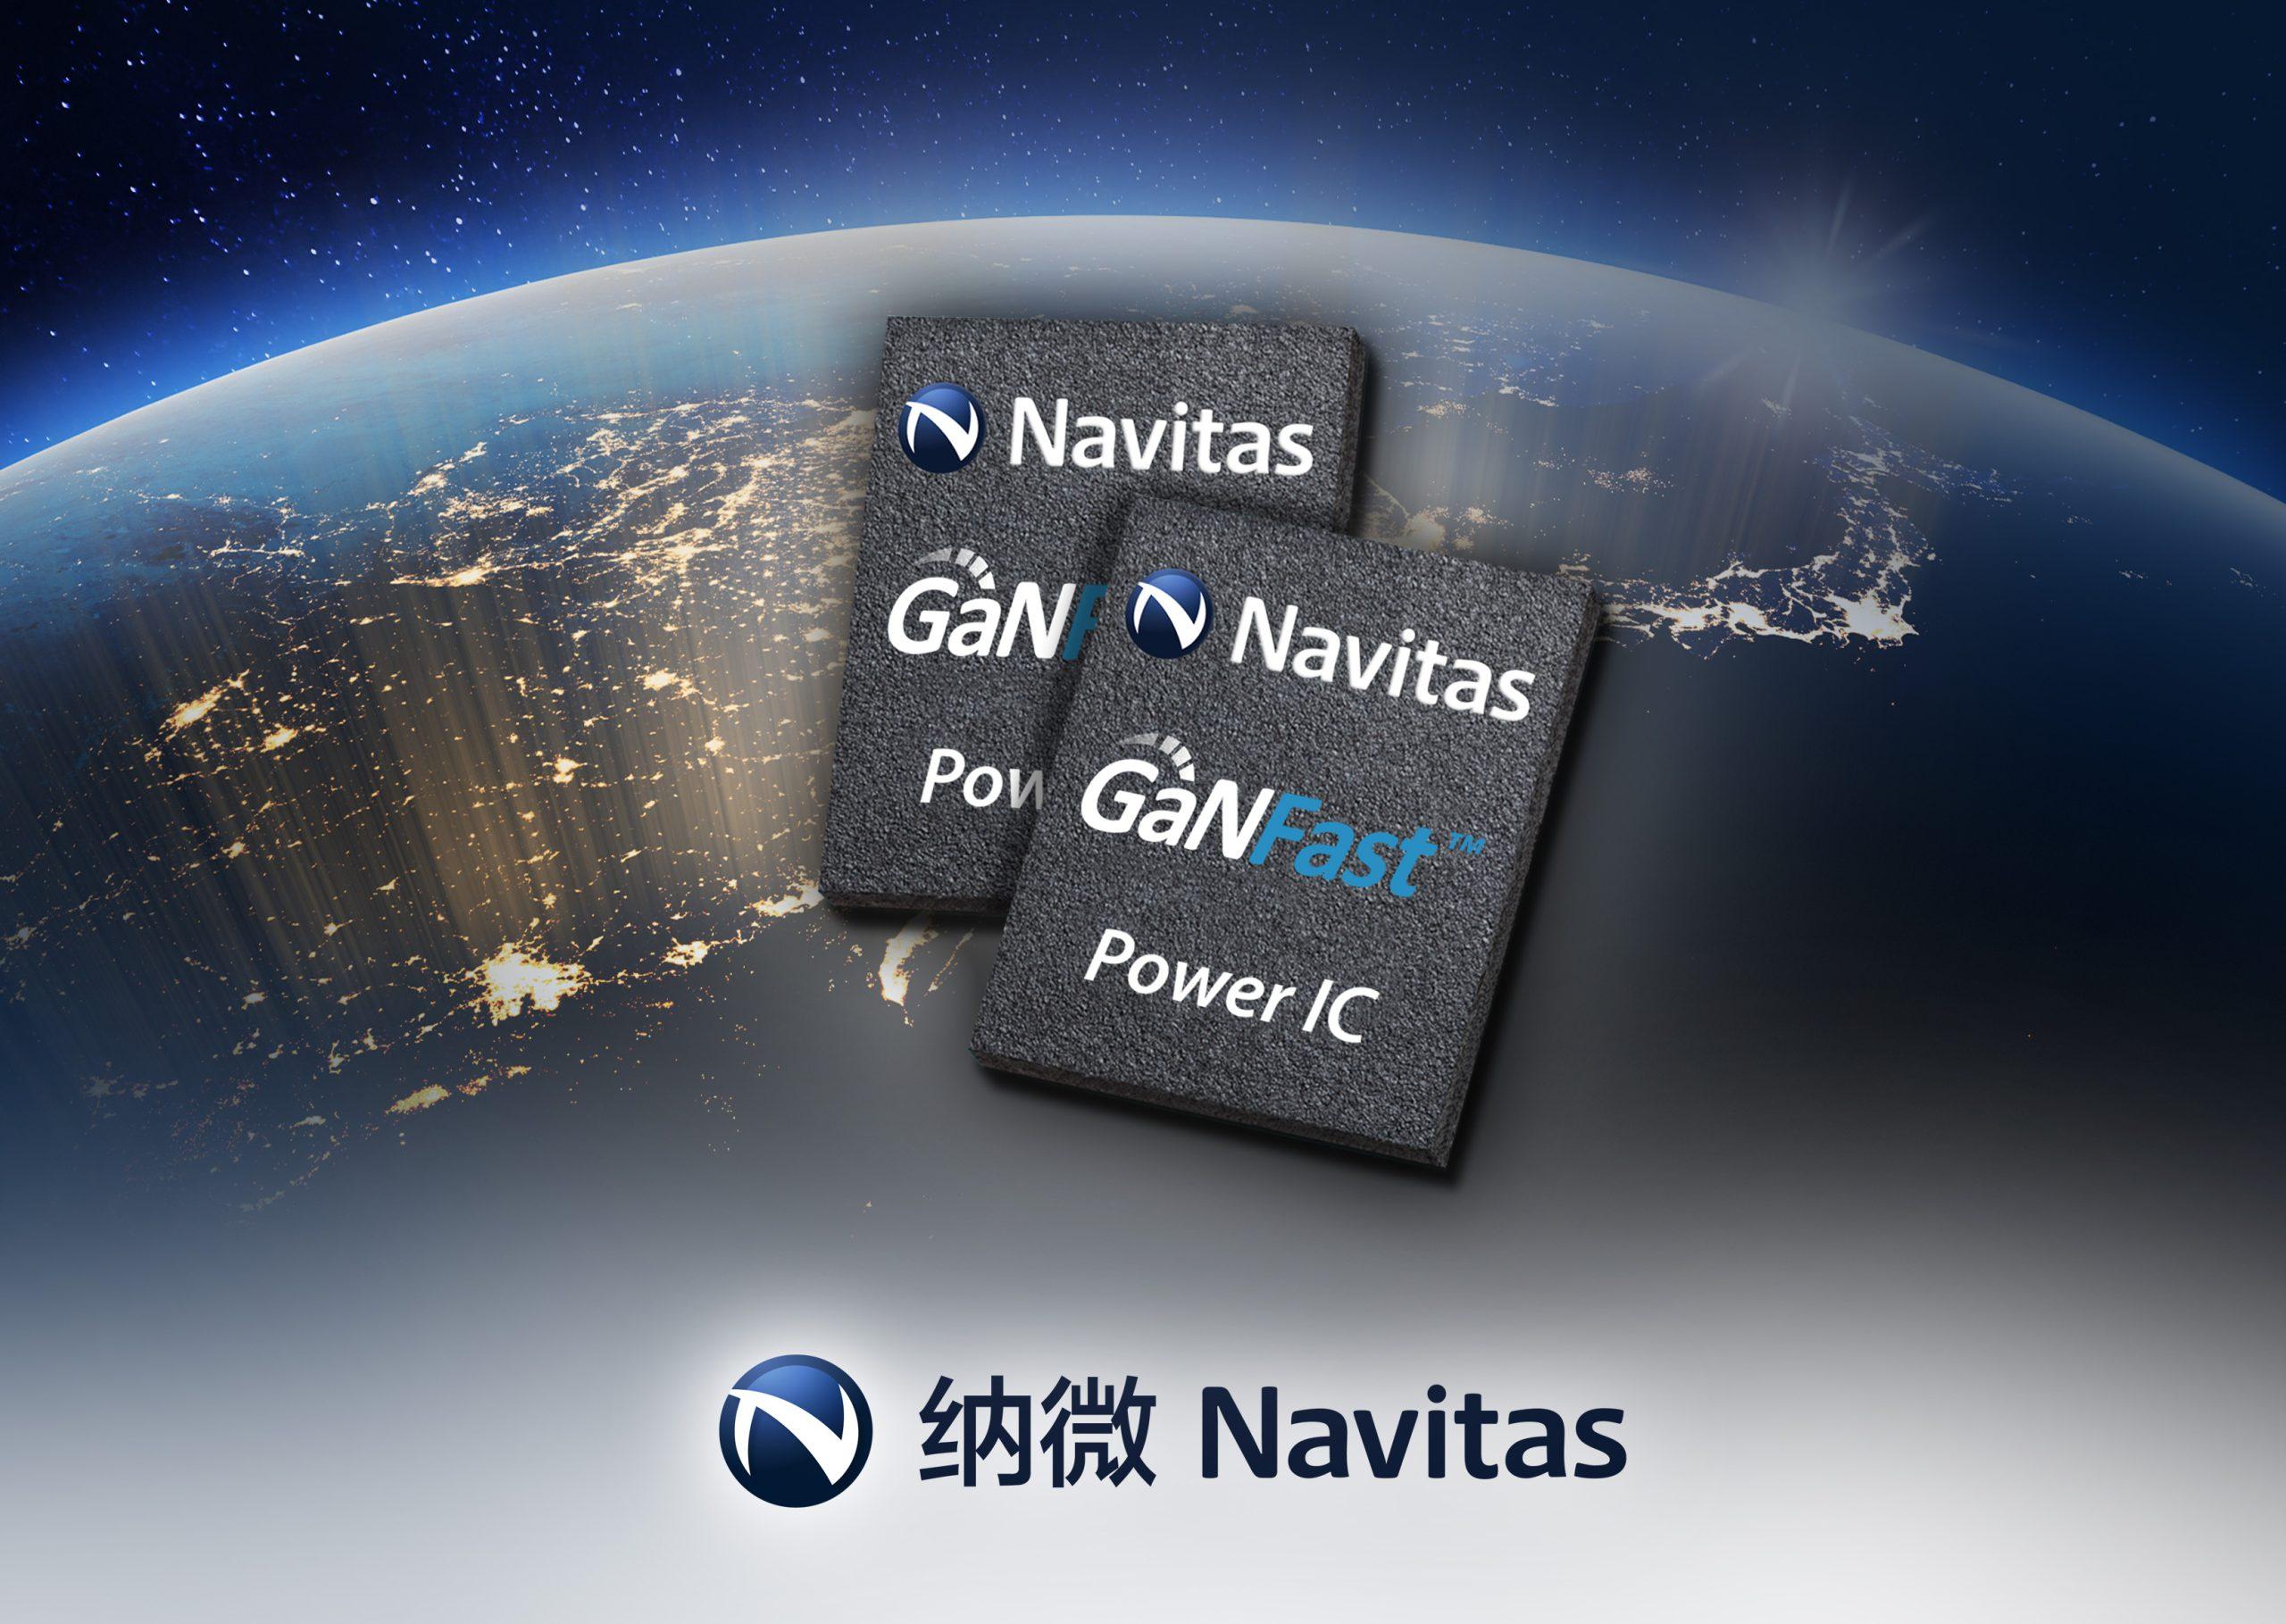 纳微在中国开设GaNFast™研发中心以支持创新